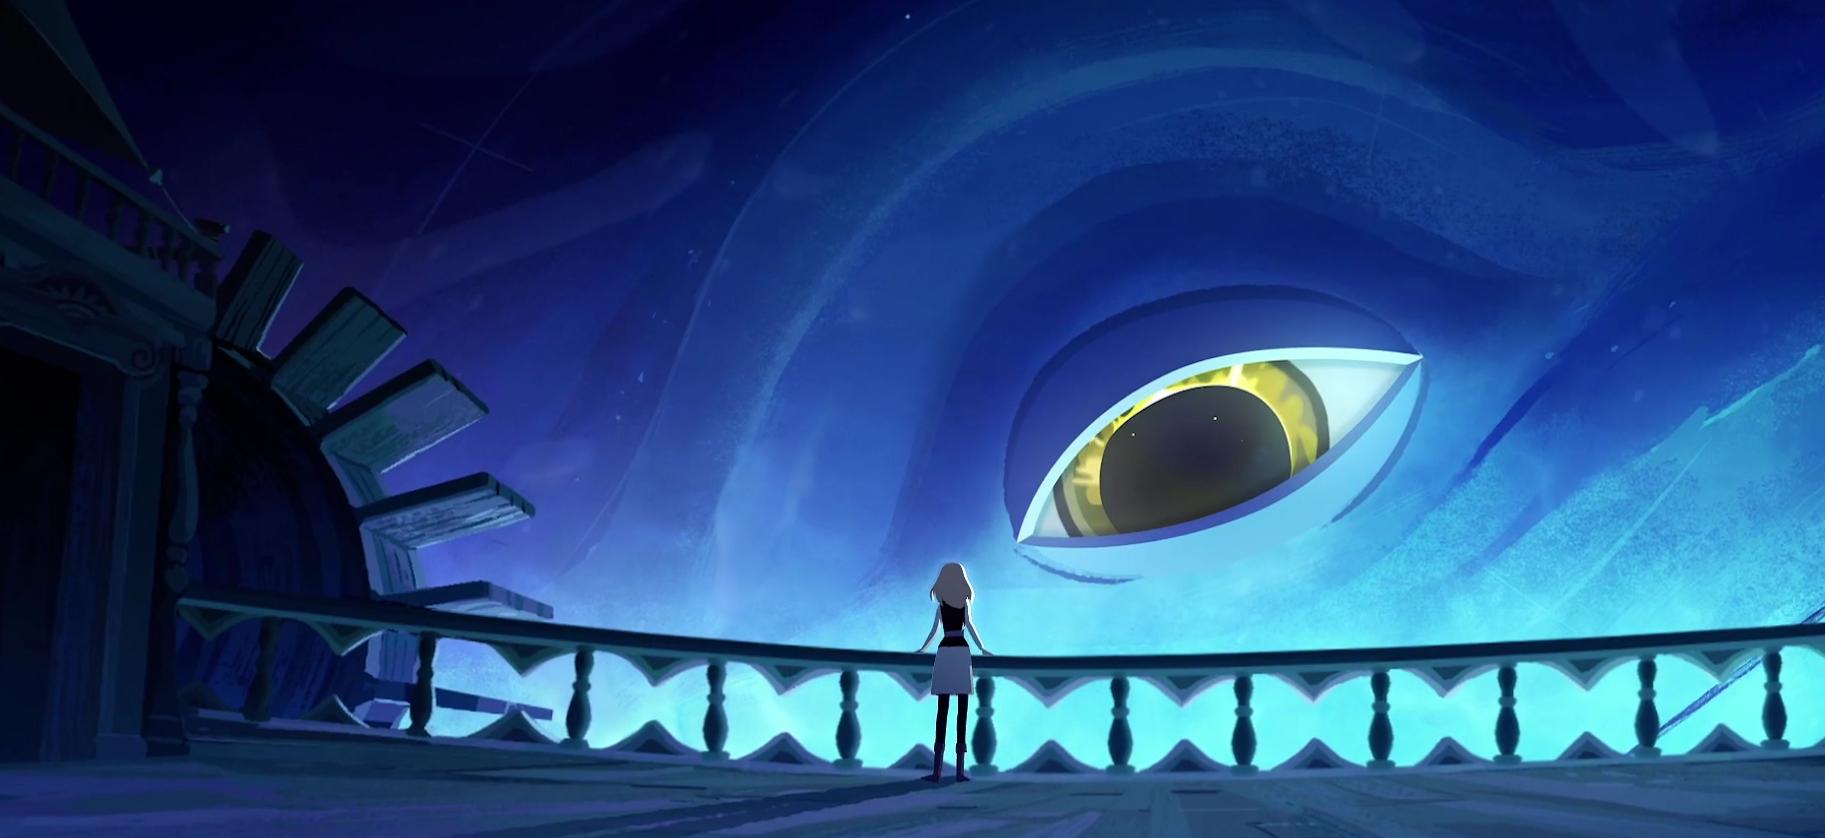 Трейлер Ewilan's Quest — французского мультсериала по мотивам фэнтезийного цикла 10